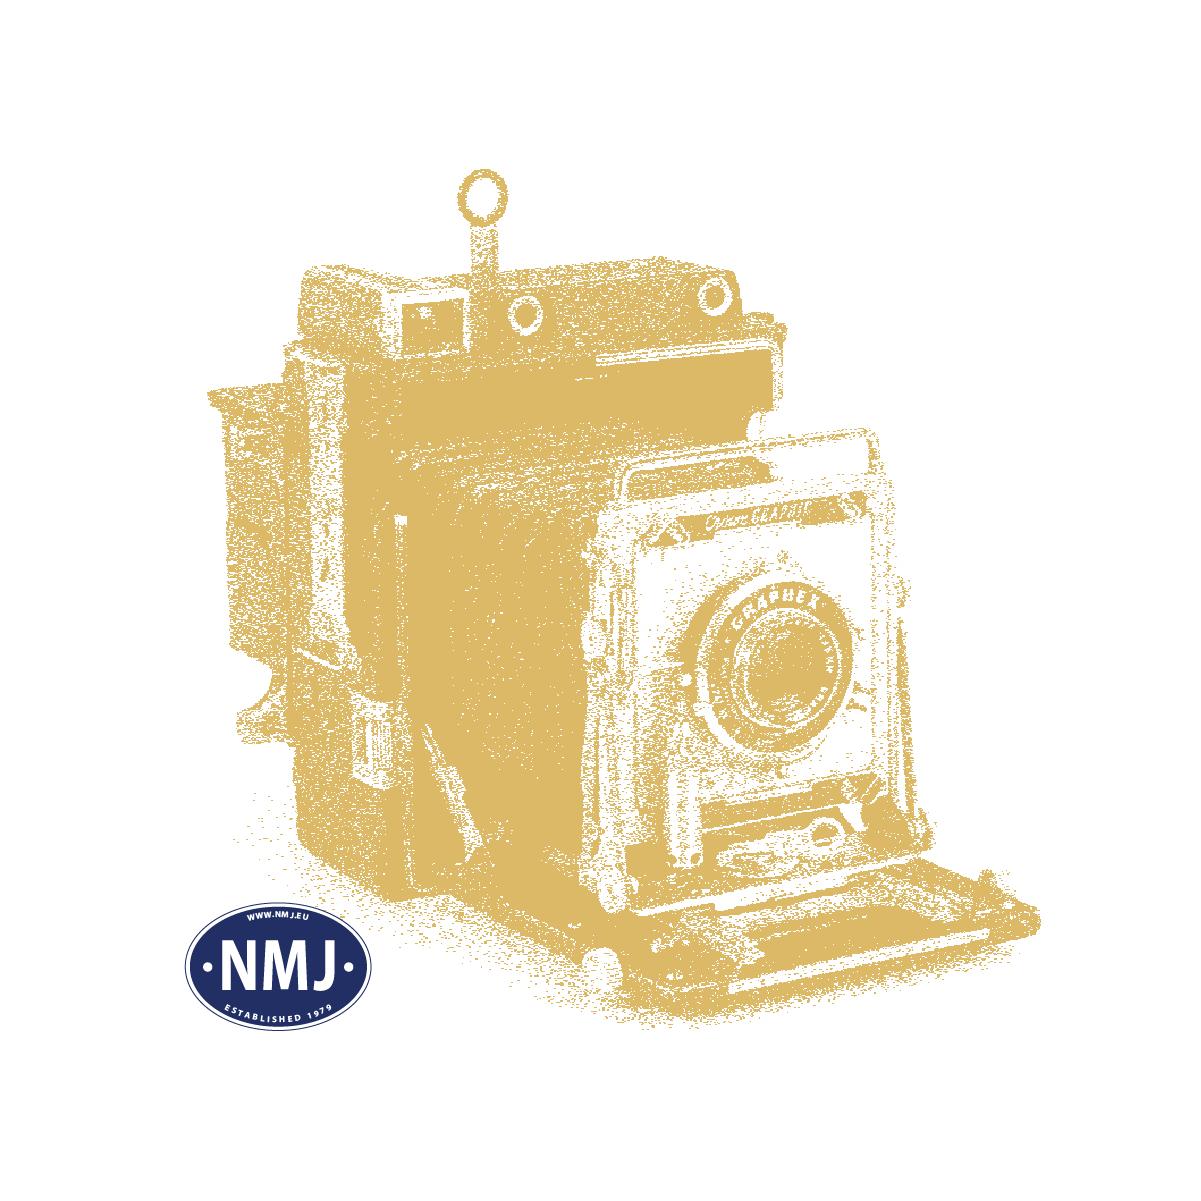 Startsett, lenz-43105-01-startsett-db-kof-2-godsvogner-0-skala-1-45-dcc, LEN43105-01